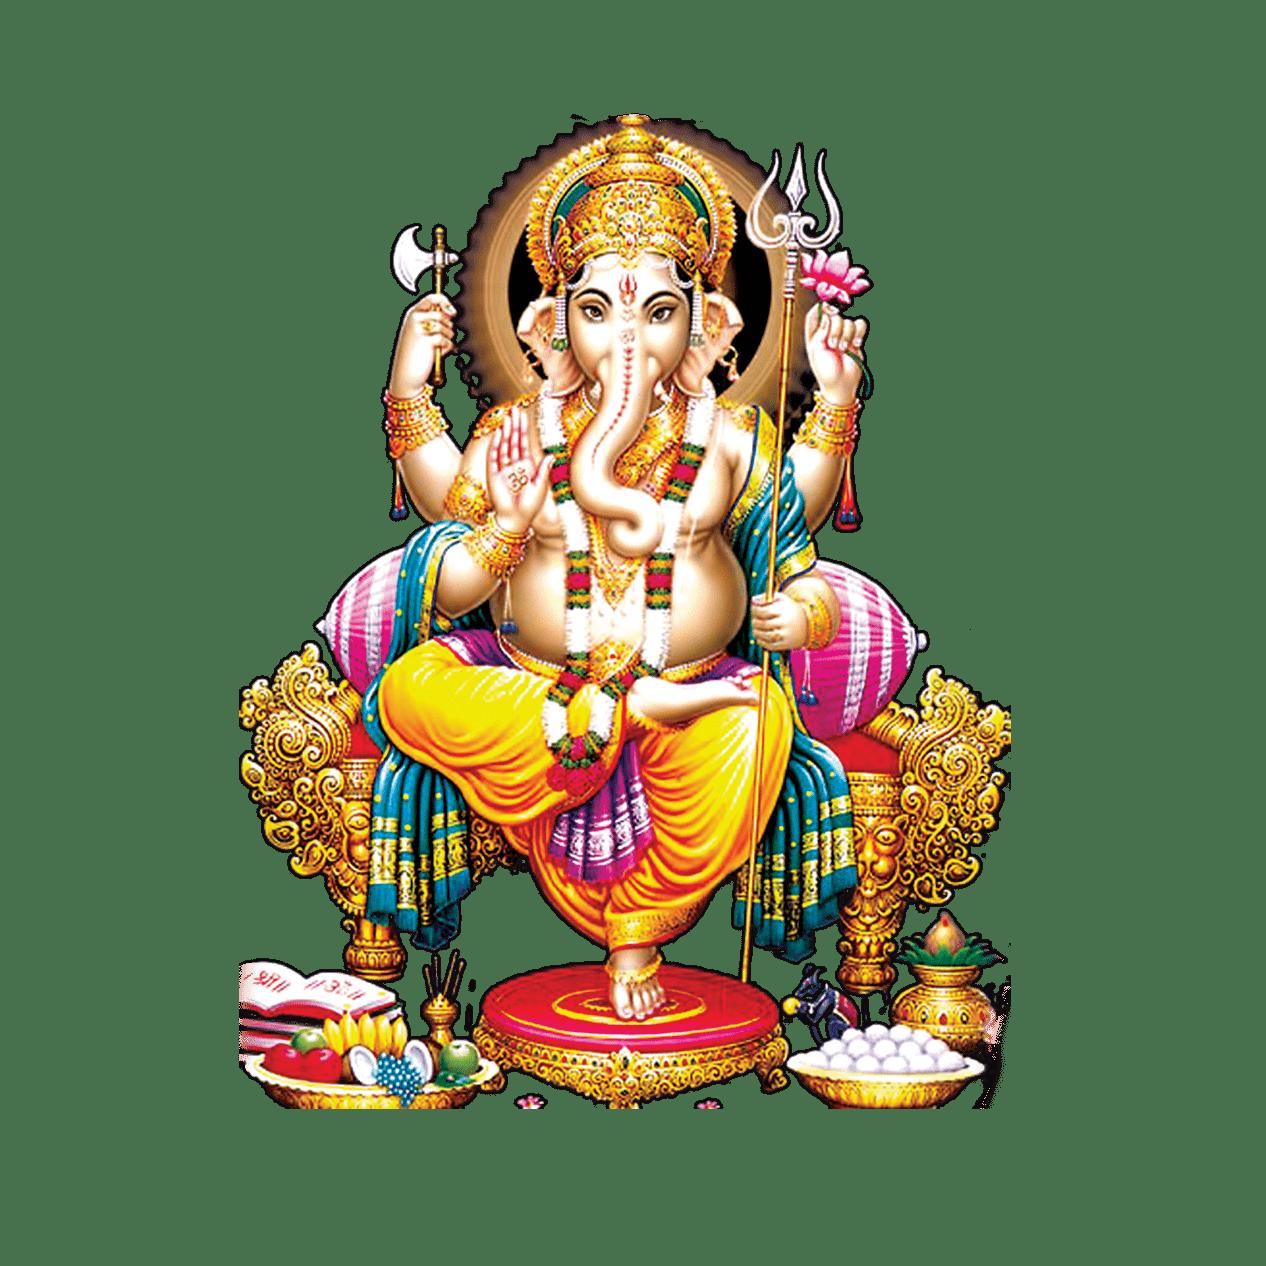 1266x1266 Thần Vinayaka Hình nền HD Png - Ganesh Image HD, Tải xuống